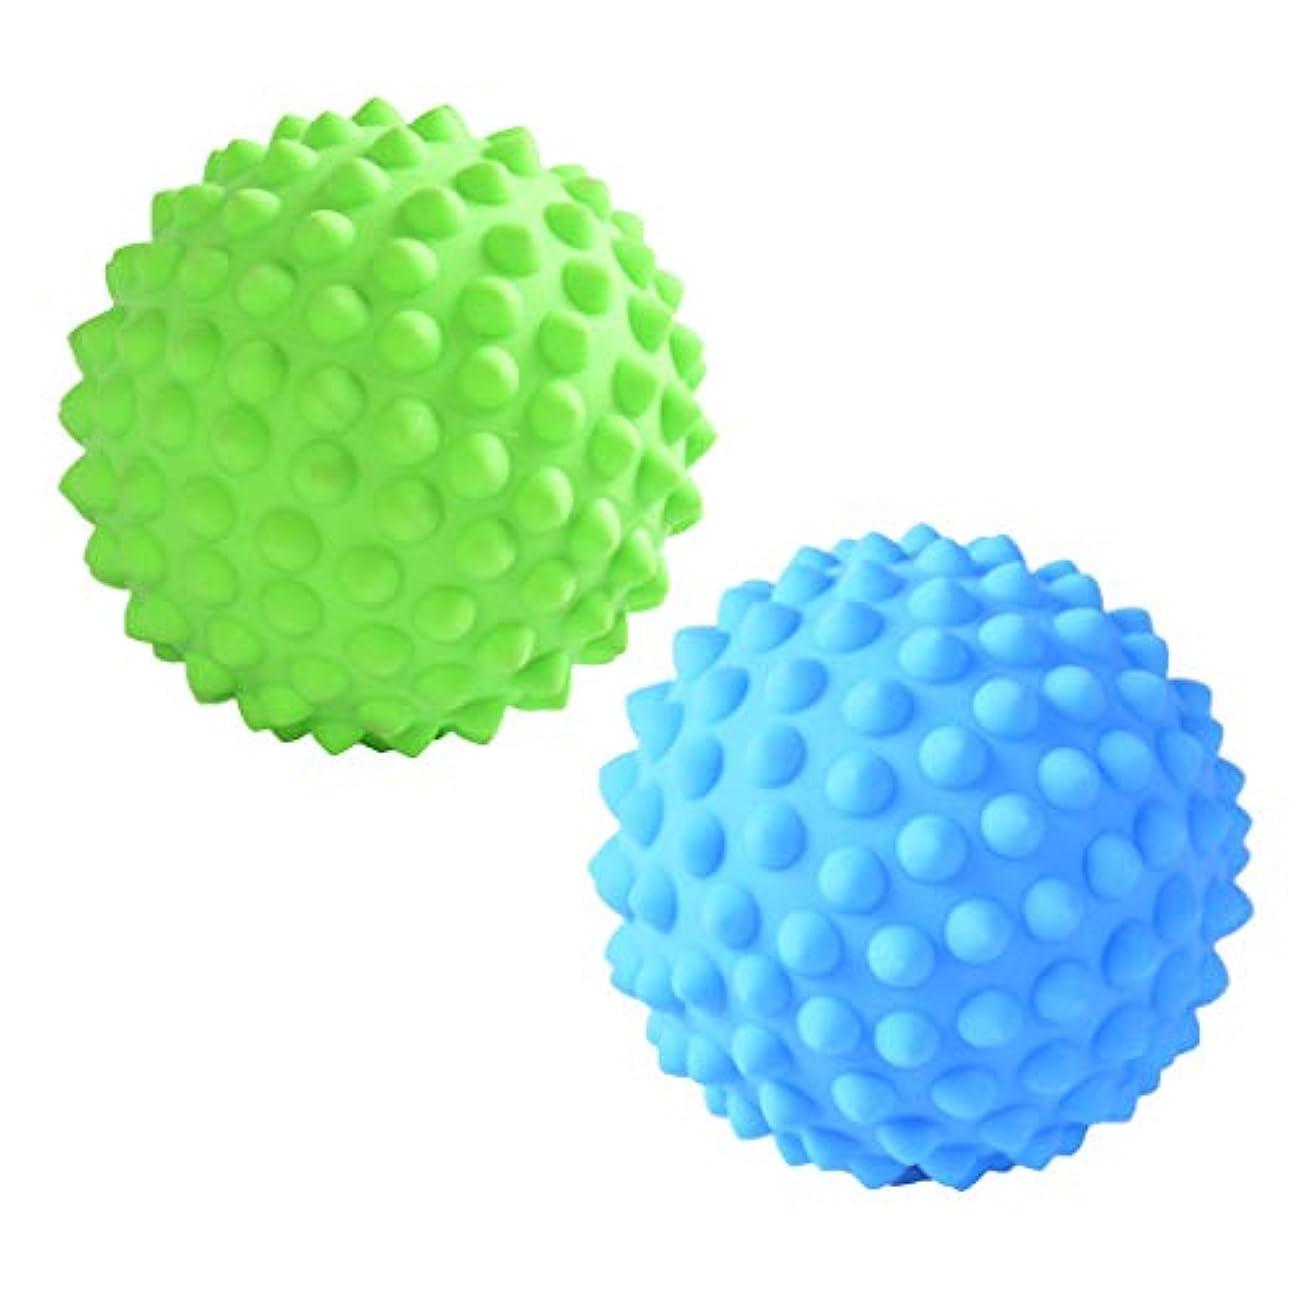 広告主槍あいまいさマッサージローラーボール 指圧ボール PVC トリガーポイント 疲れ解消ボール ヨガ 疲労軽減 2個